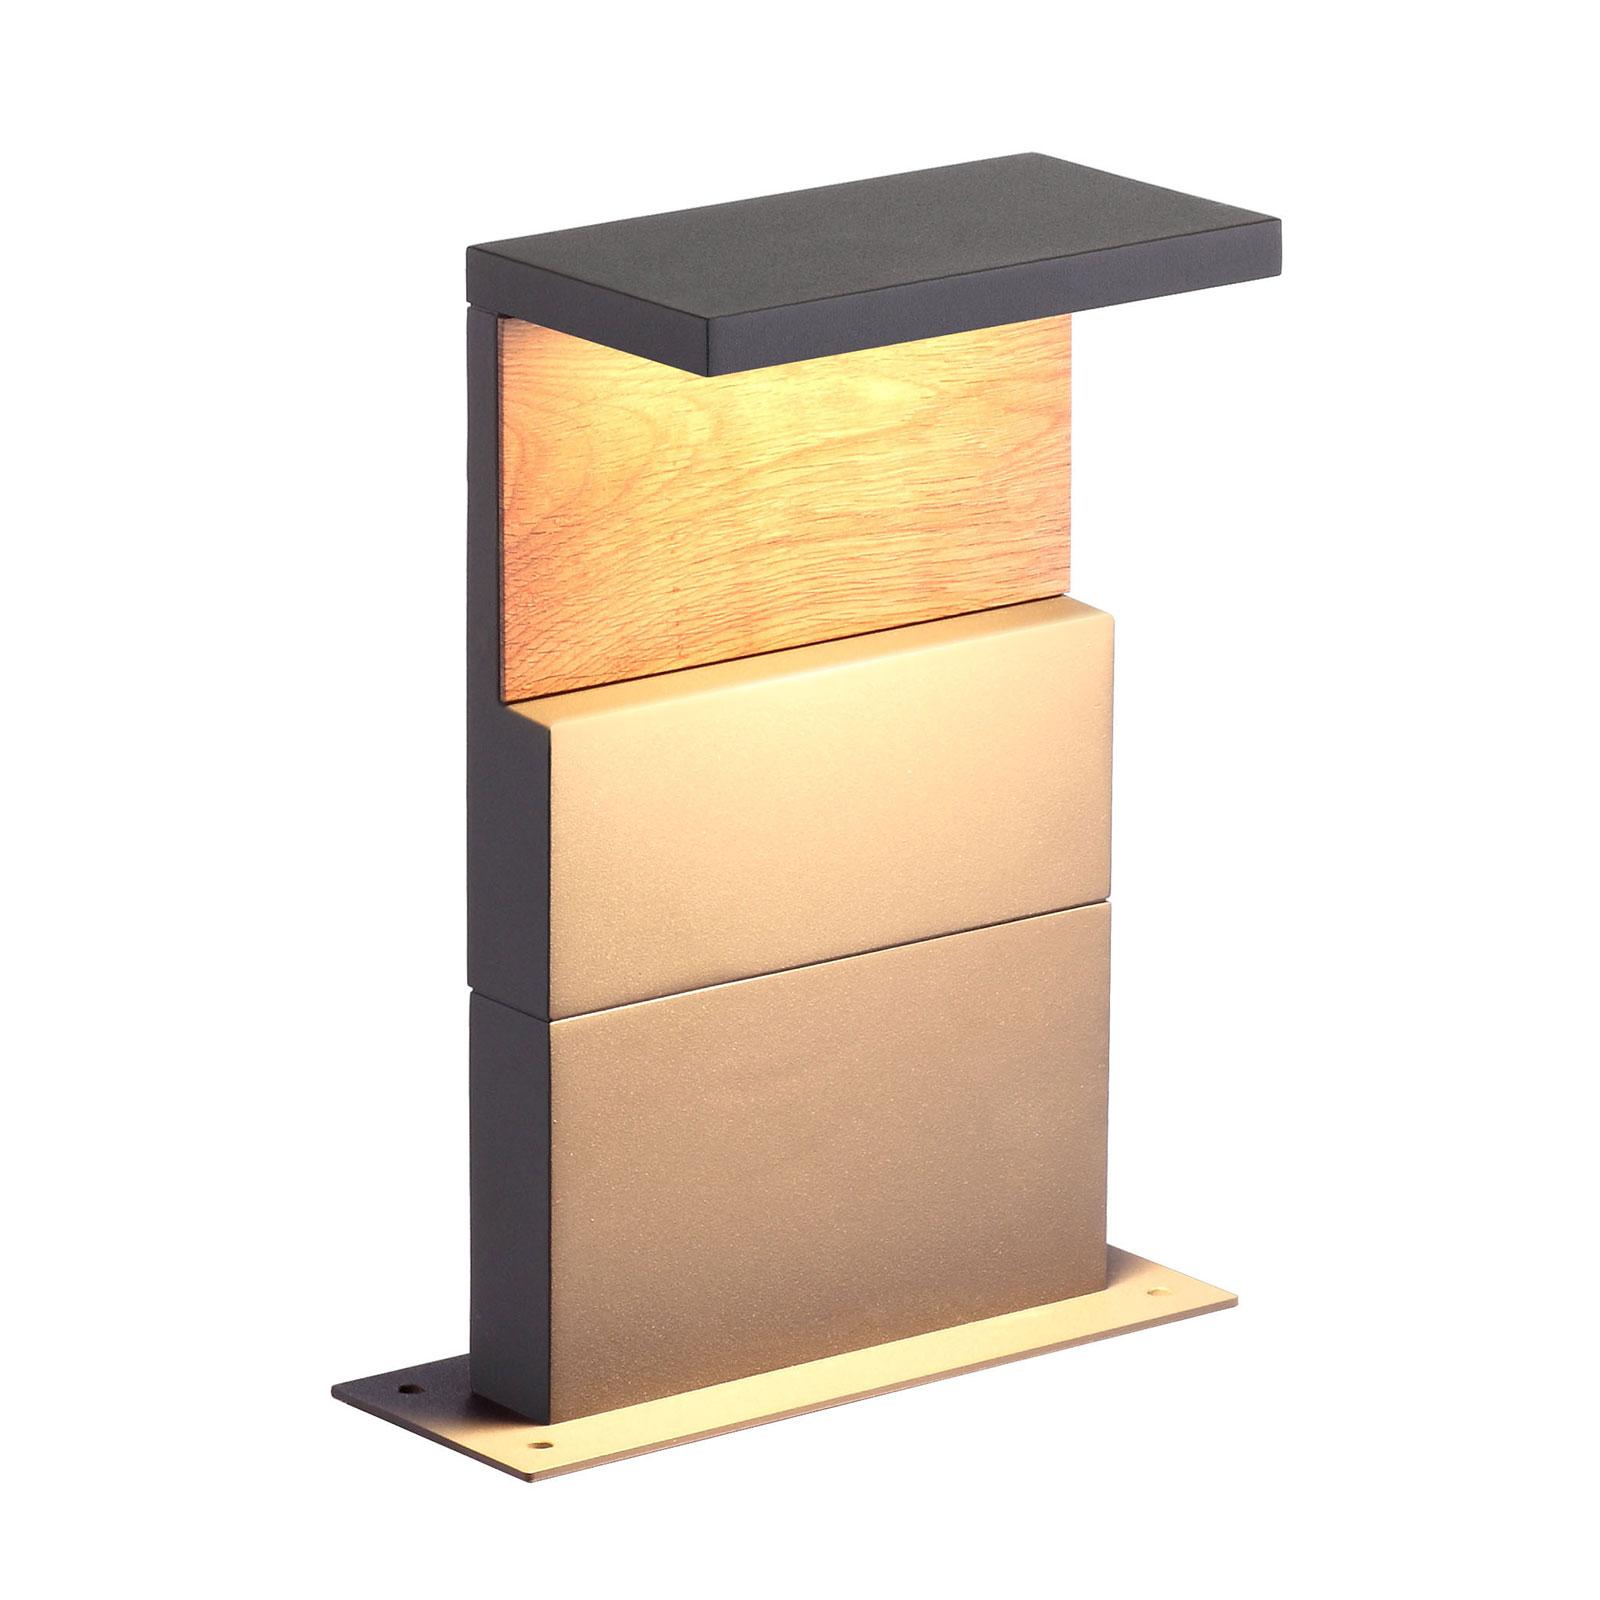 Lampioncino LED Ruka con elemento legno, 35 cm